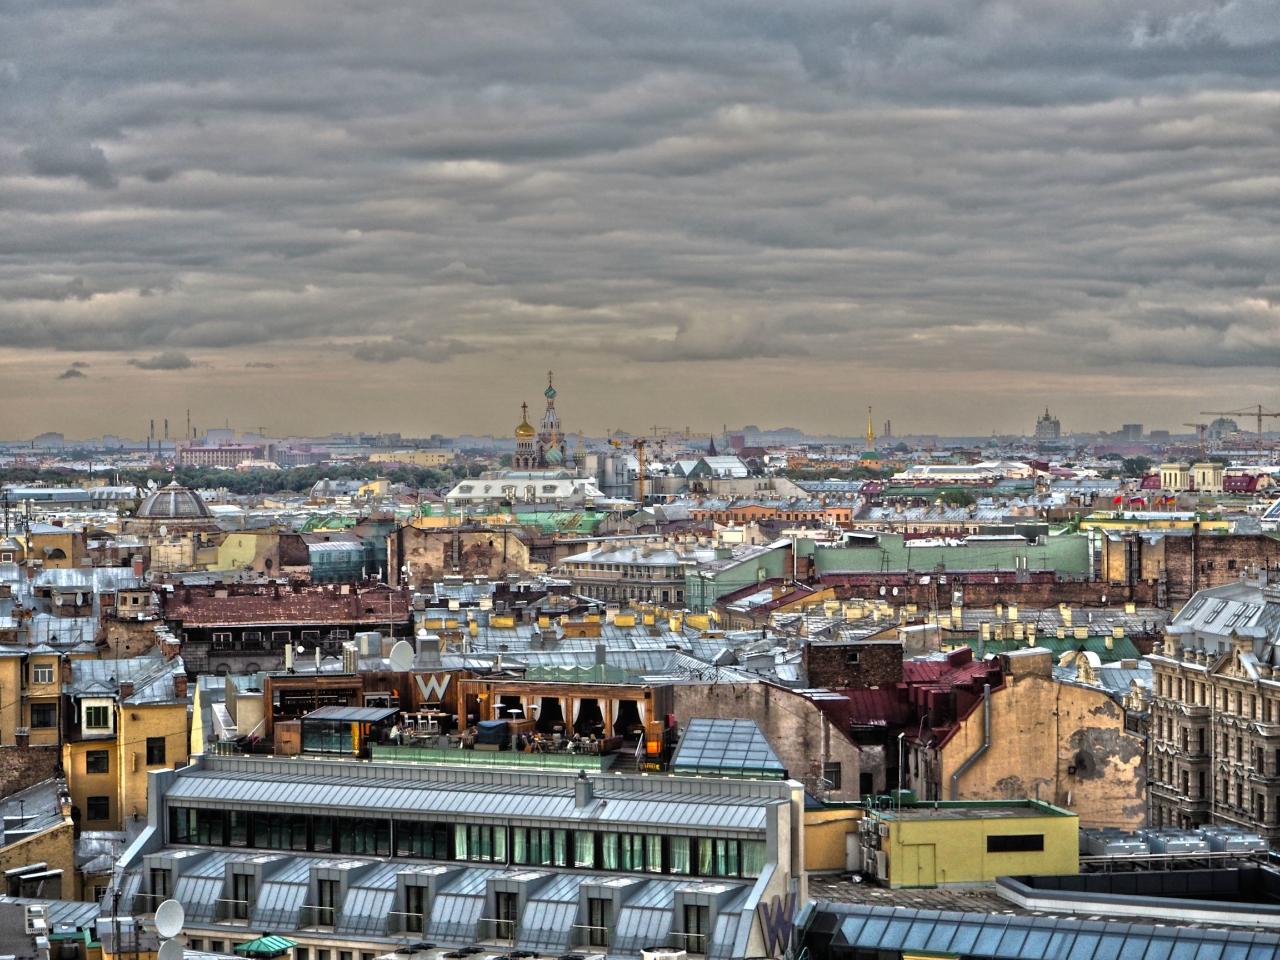 Санкт-Петербург, Исакиевский собор